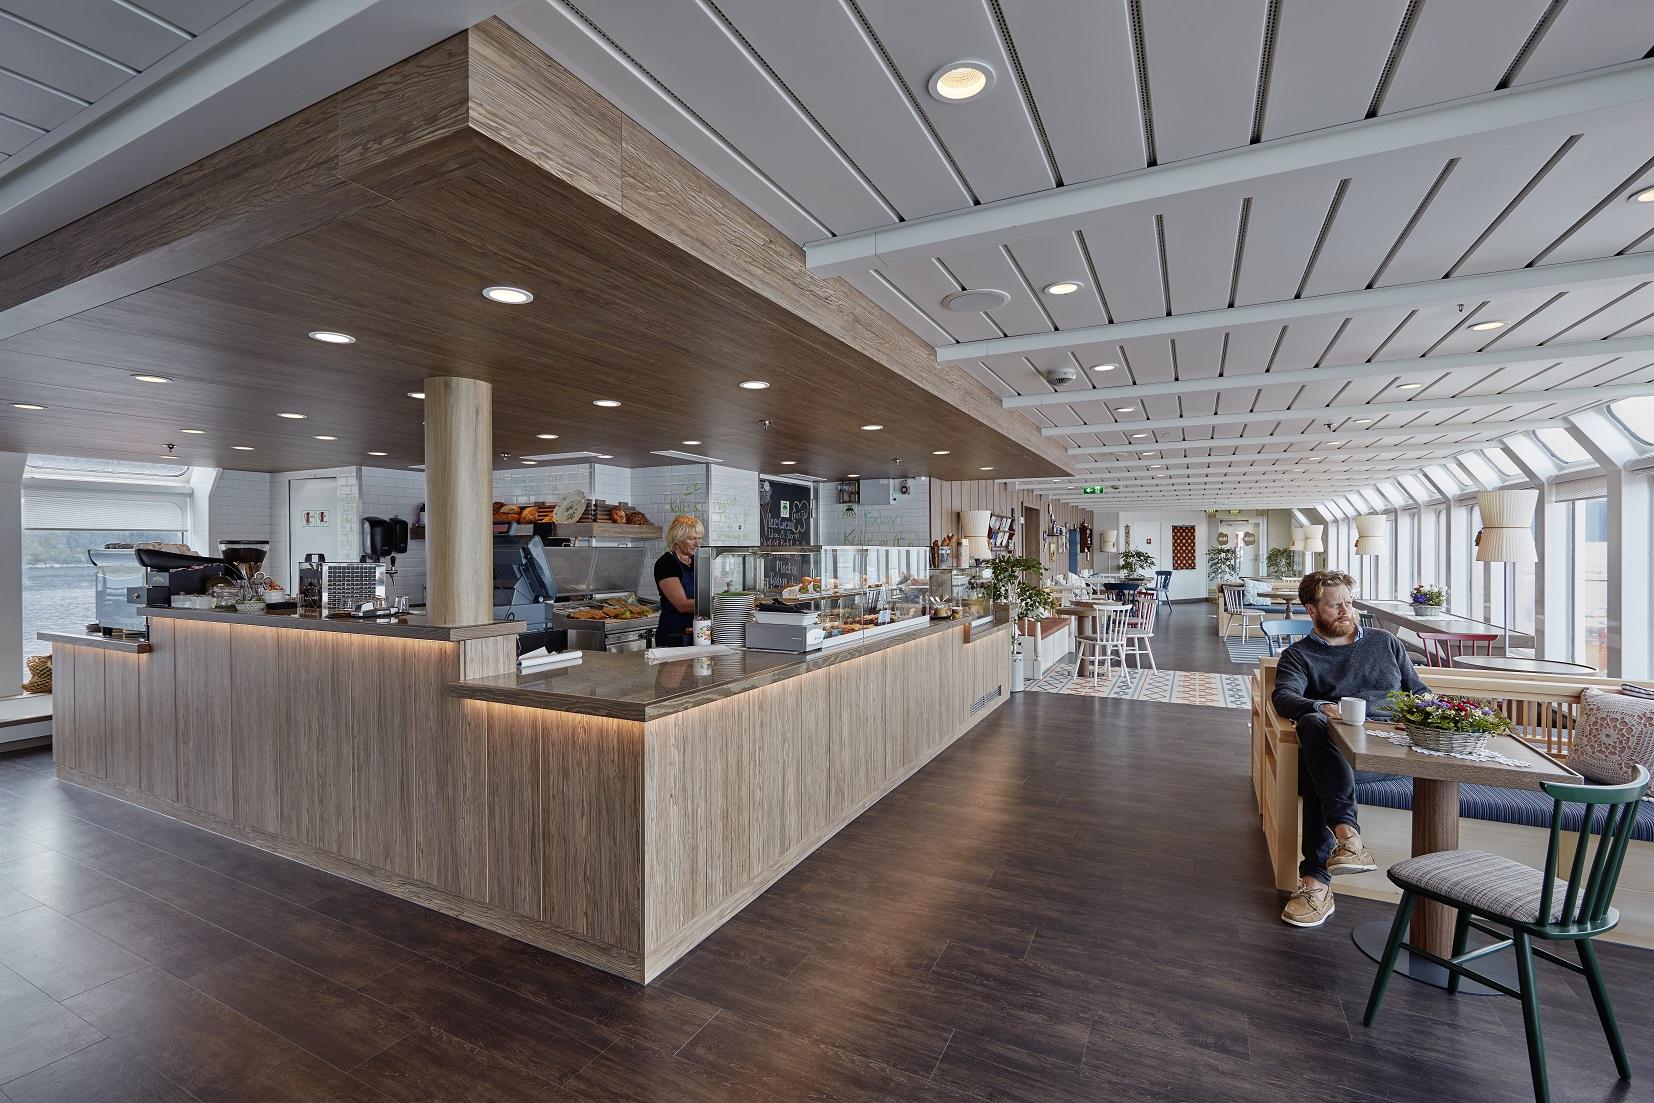 Bageri och glassbar ombord Hurtigrutens fartyg